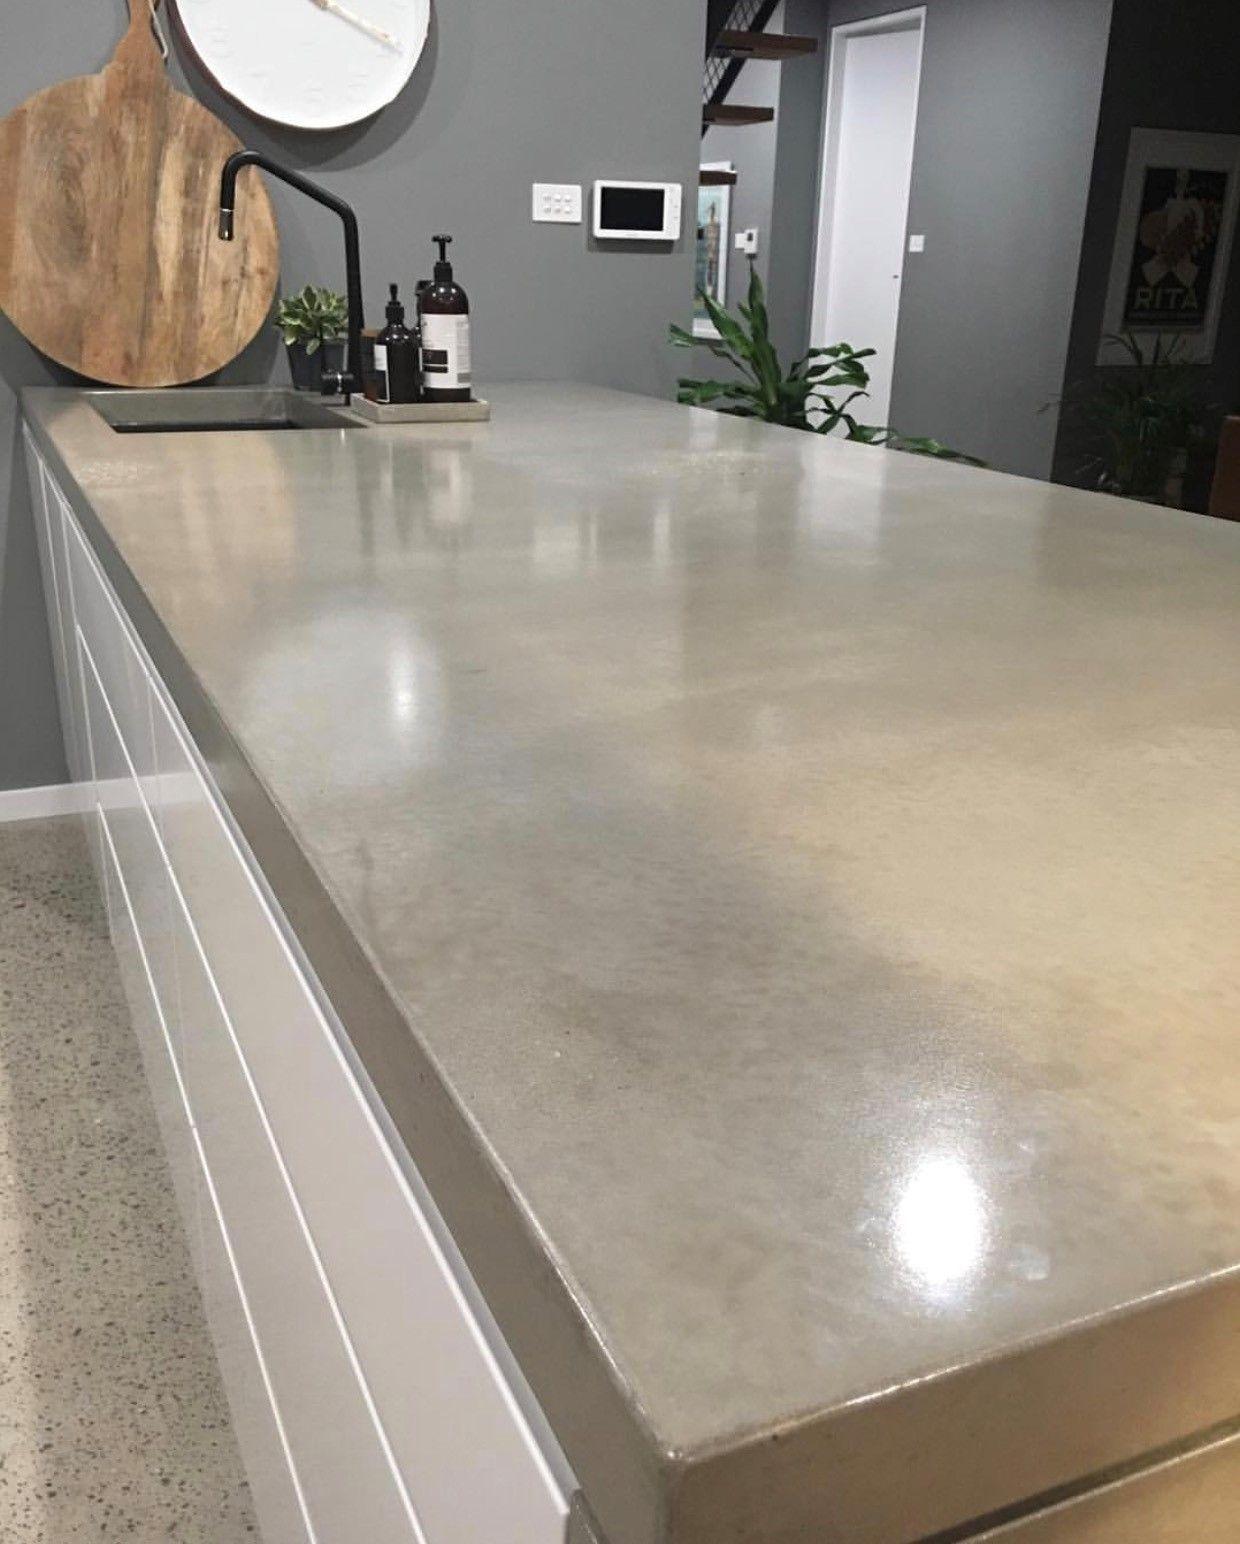 Concreate concrete countertop concrete in 2019 kitchen